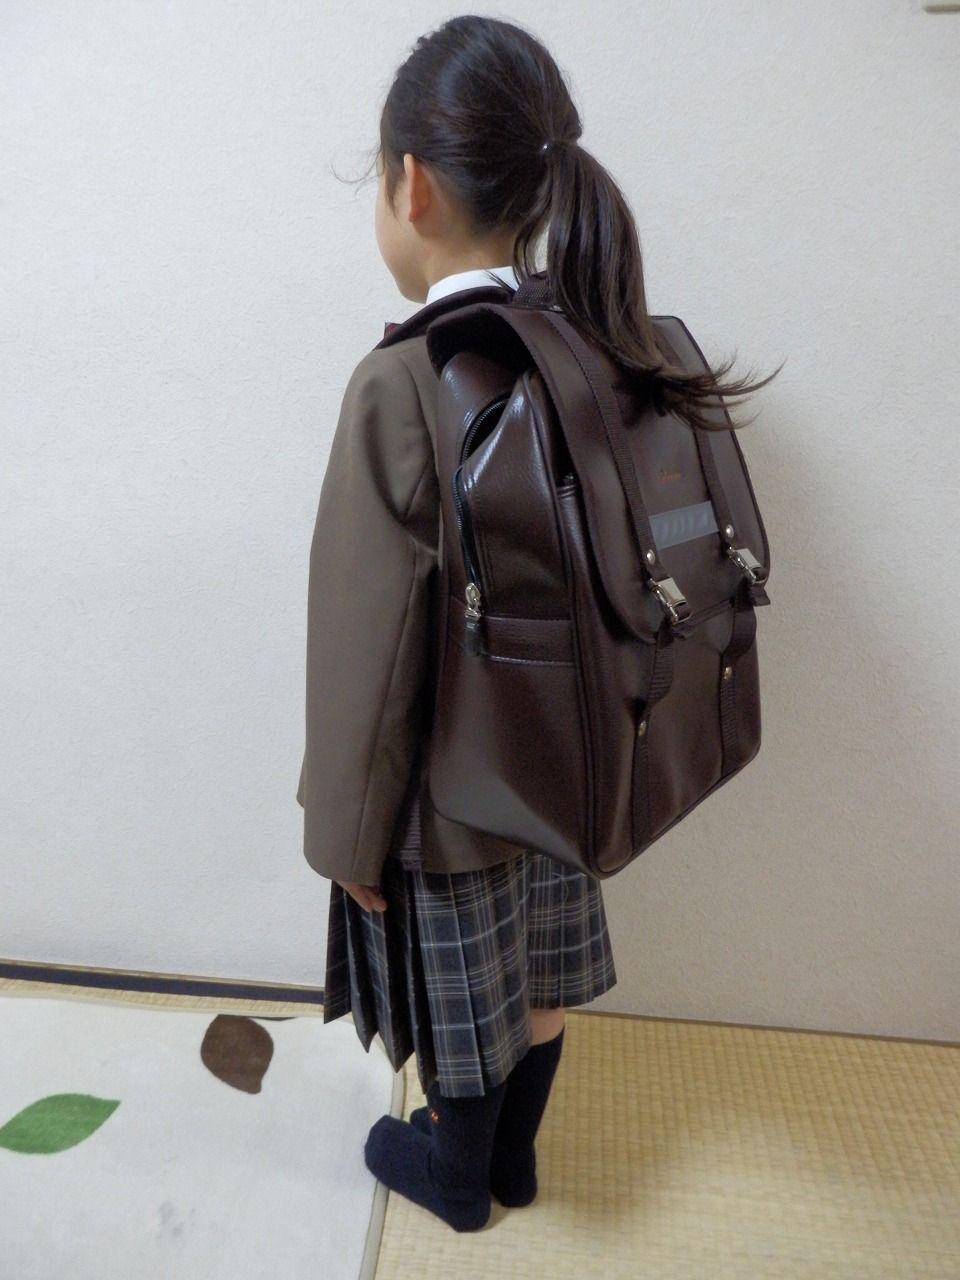 d5032eb0d561c3 けいkids+まり先生のブログ : けいkids+ 教室風景